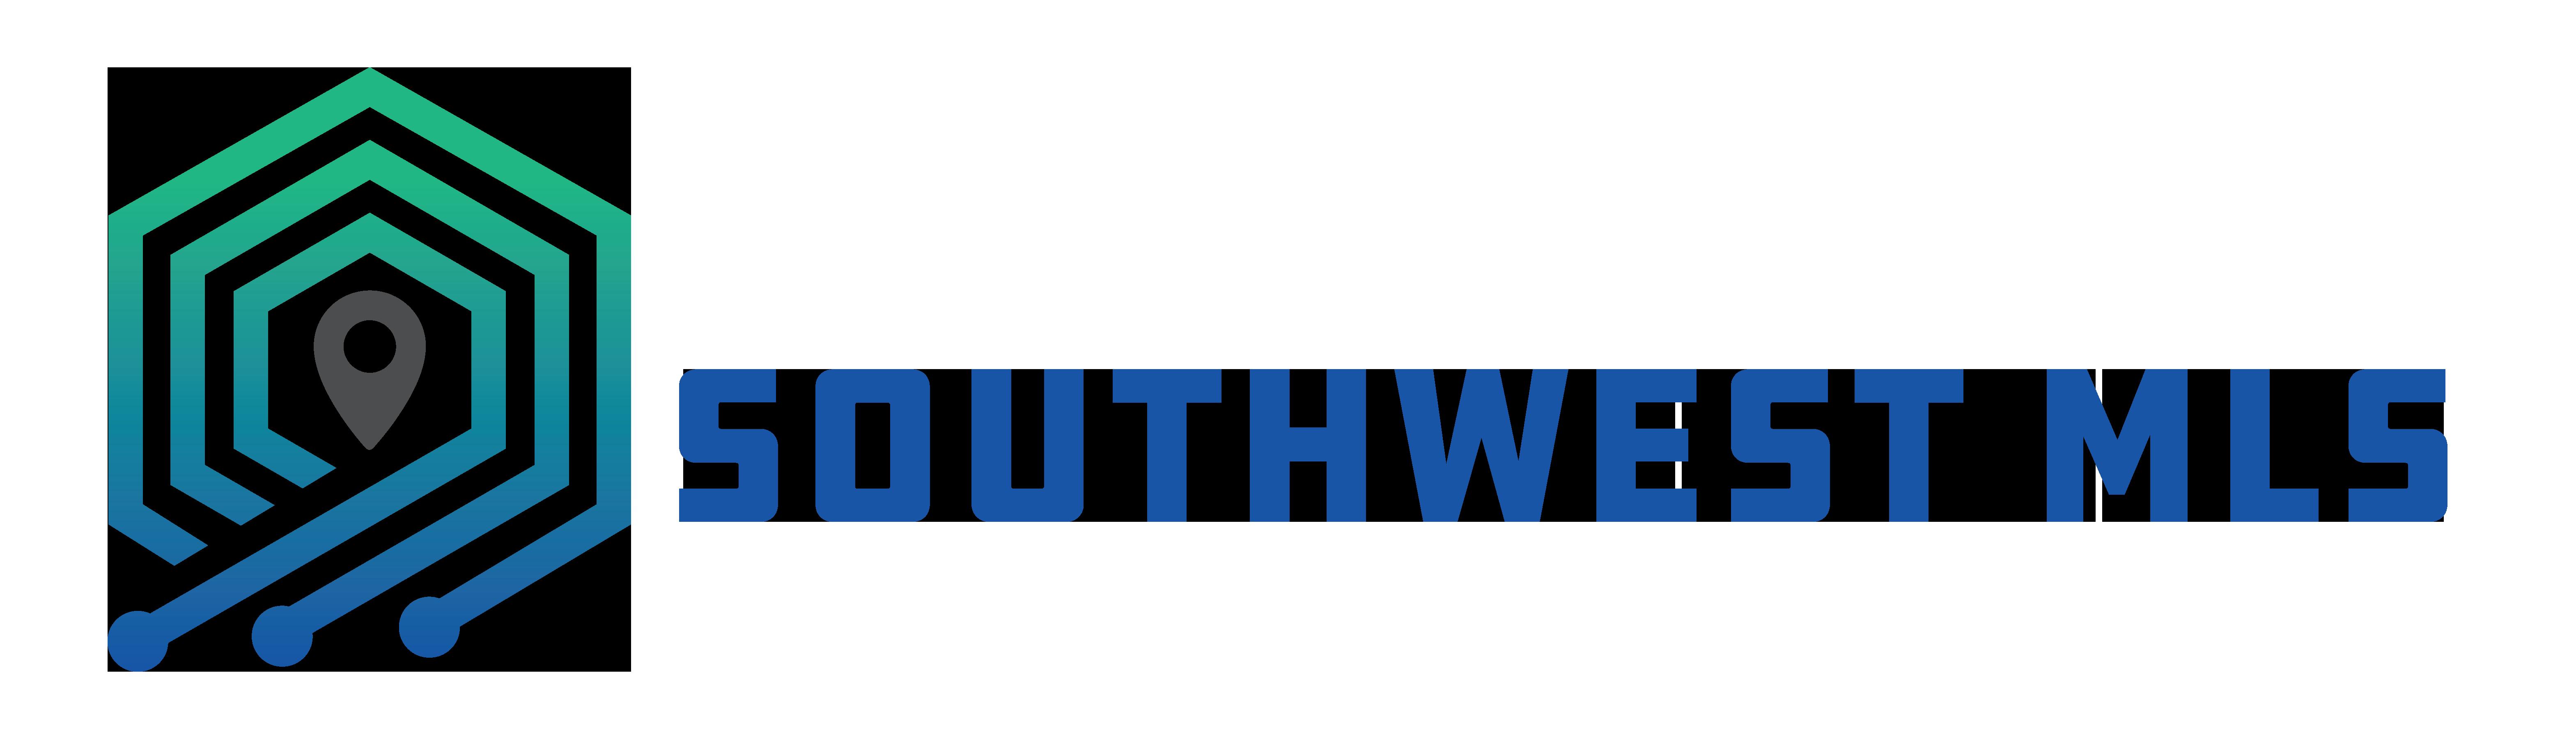 SWMLS Logo